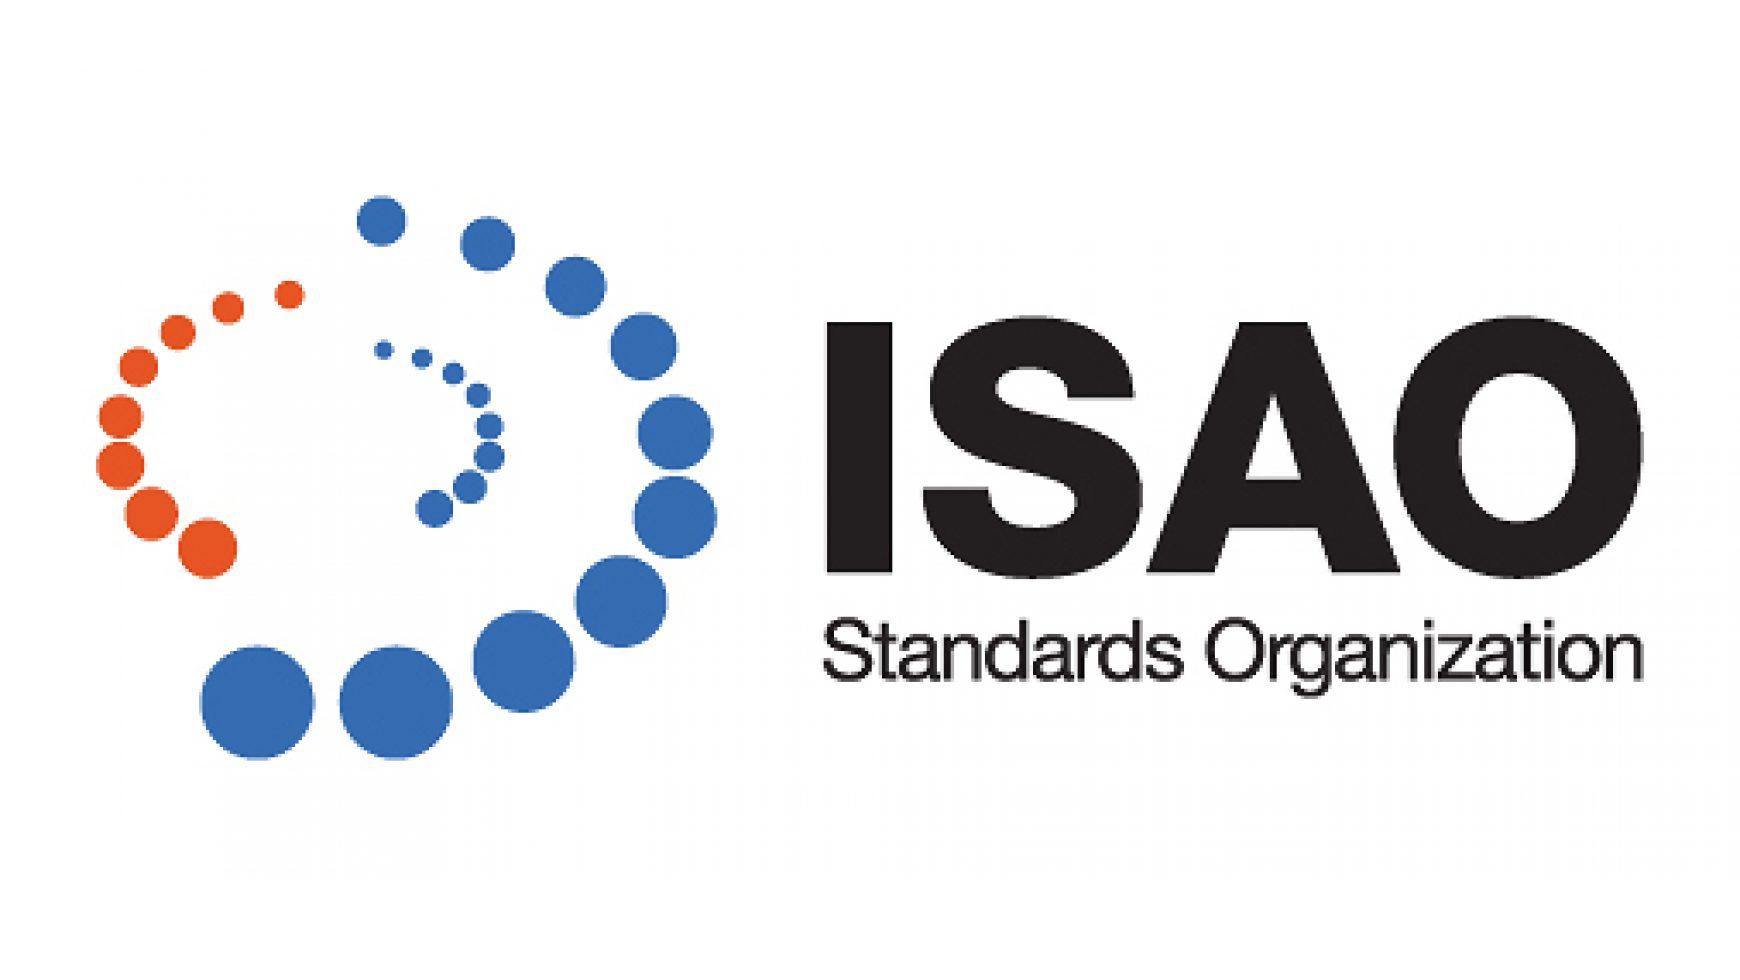 isao-so-logo-sm-1740x980.jpg